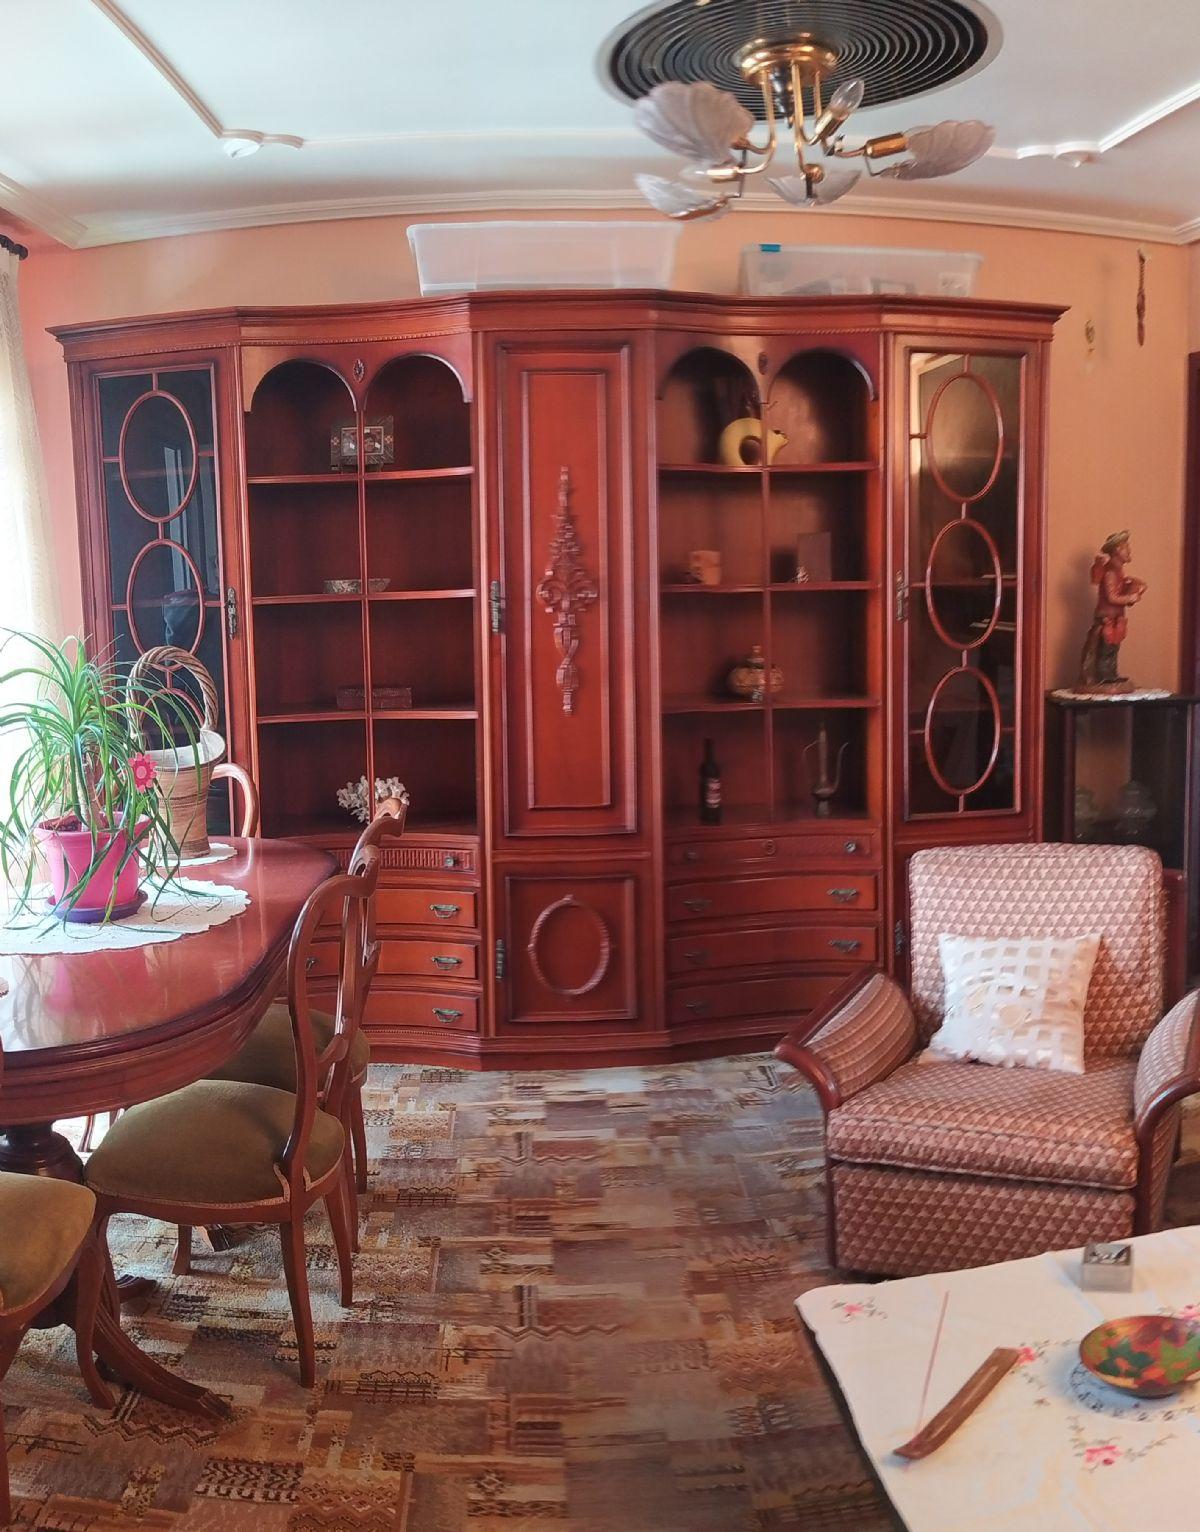 Piso en venta en Durango, Vizcaya, Calle Astepe Auzunea, 250.000 €, 3 habitaciones, 2 baños, 98 m2